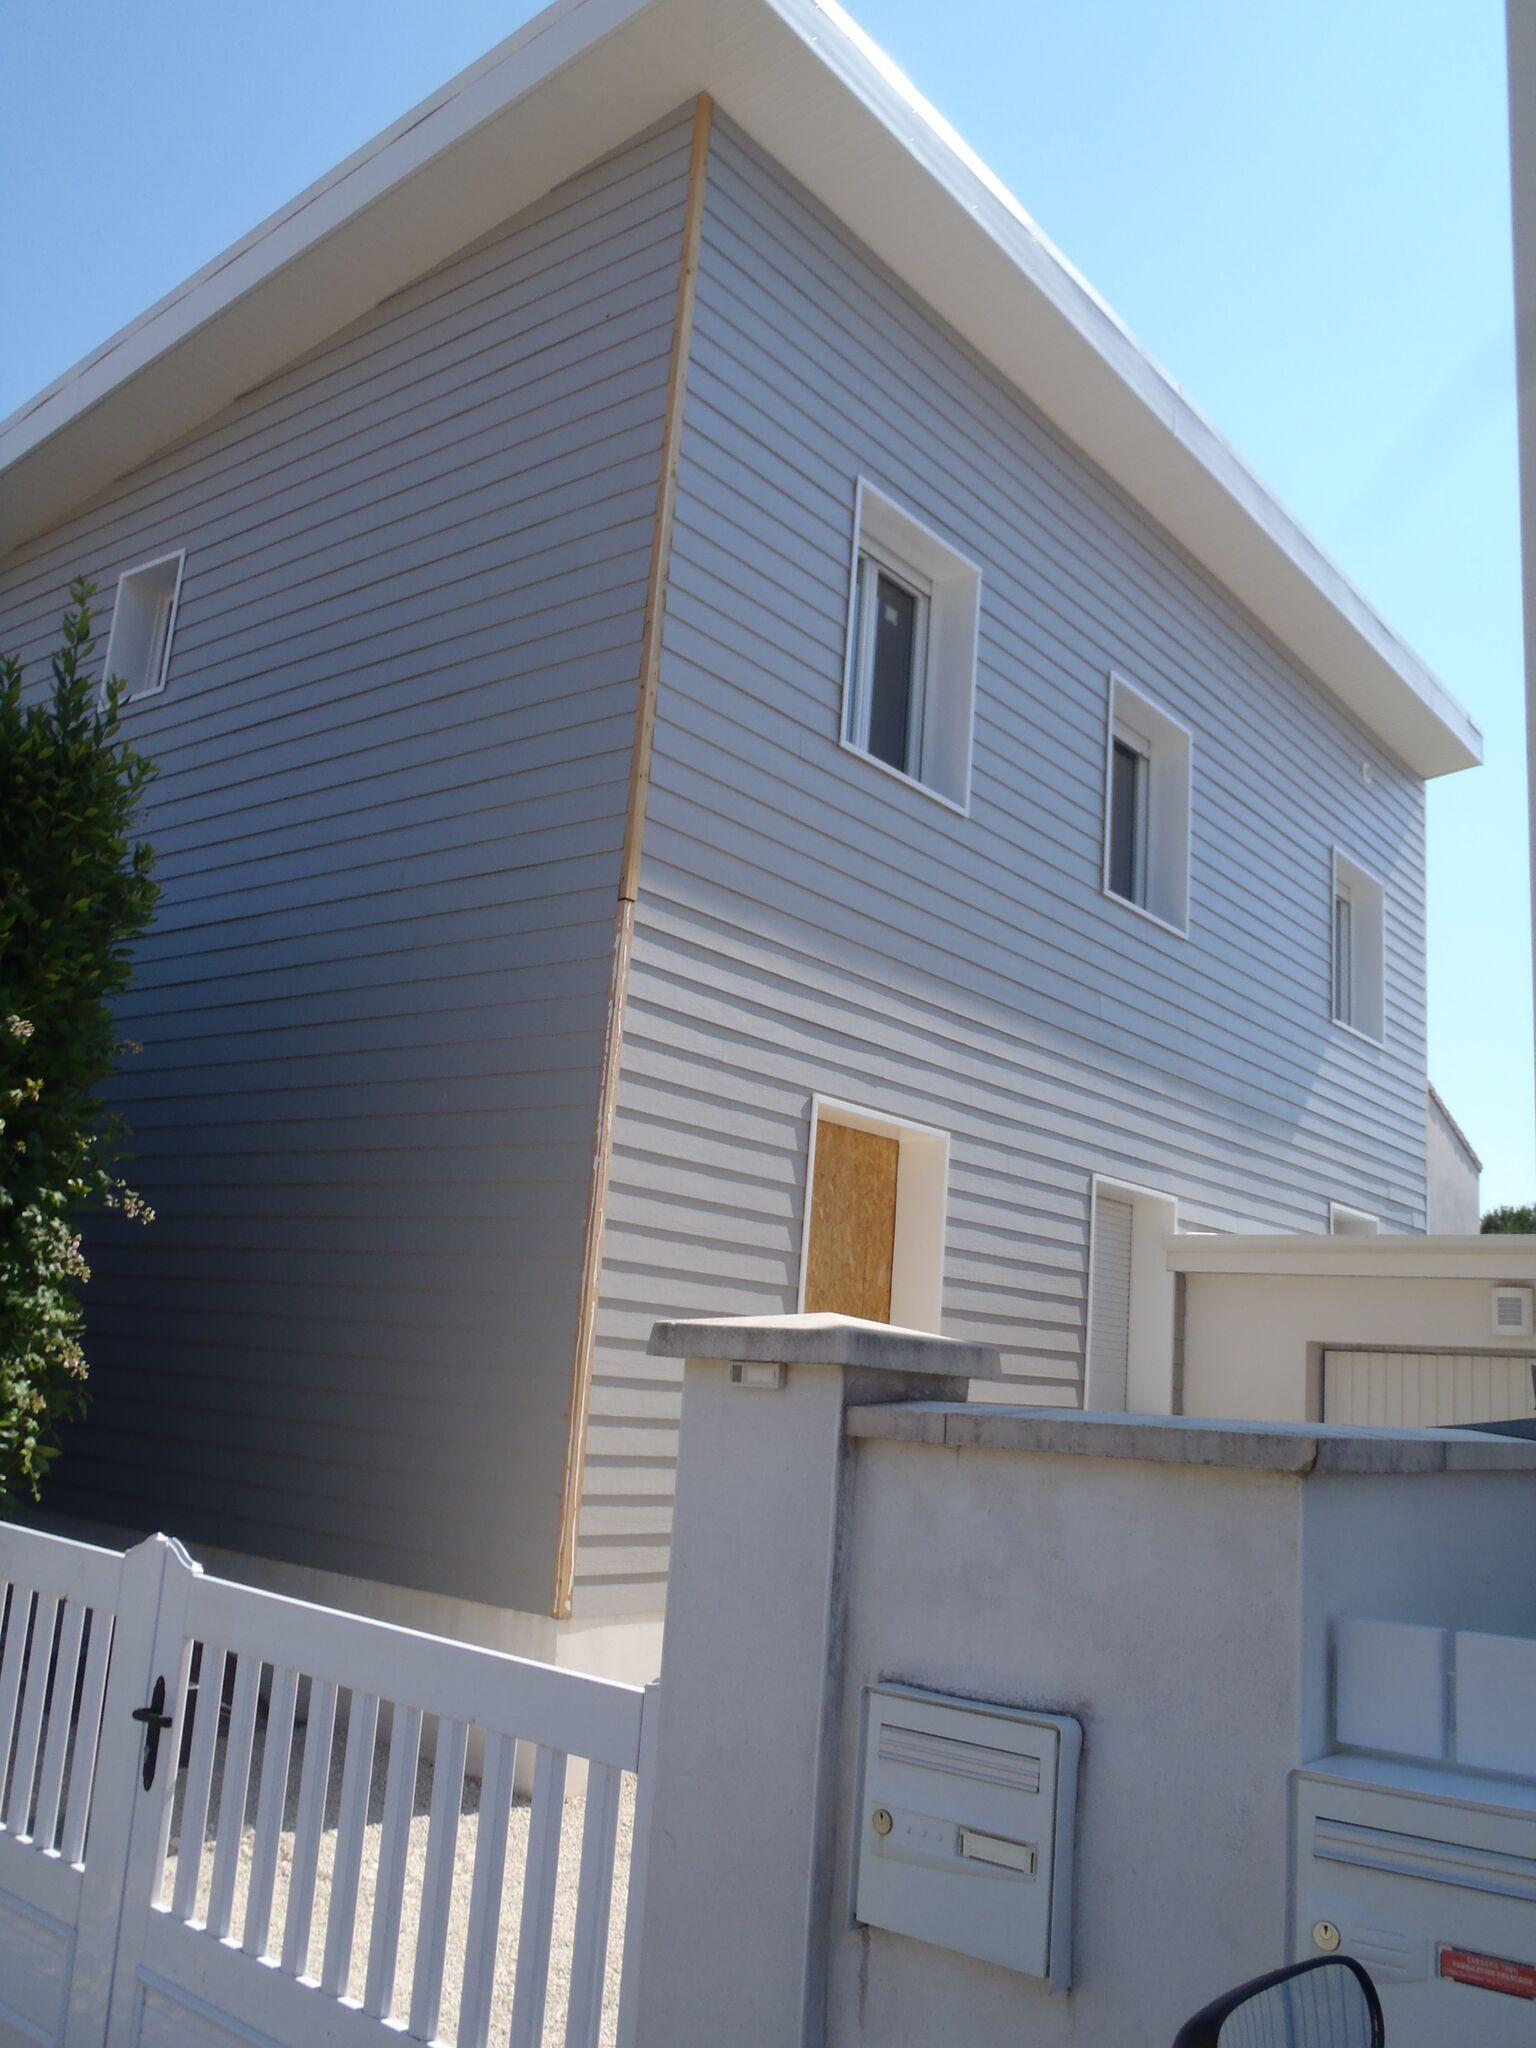 Vivanbois sur l vation d 39 une maison en ossature bois charpente monopente et bardage eternit for Bardage fundermax ossature bois